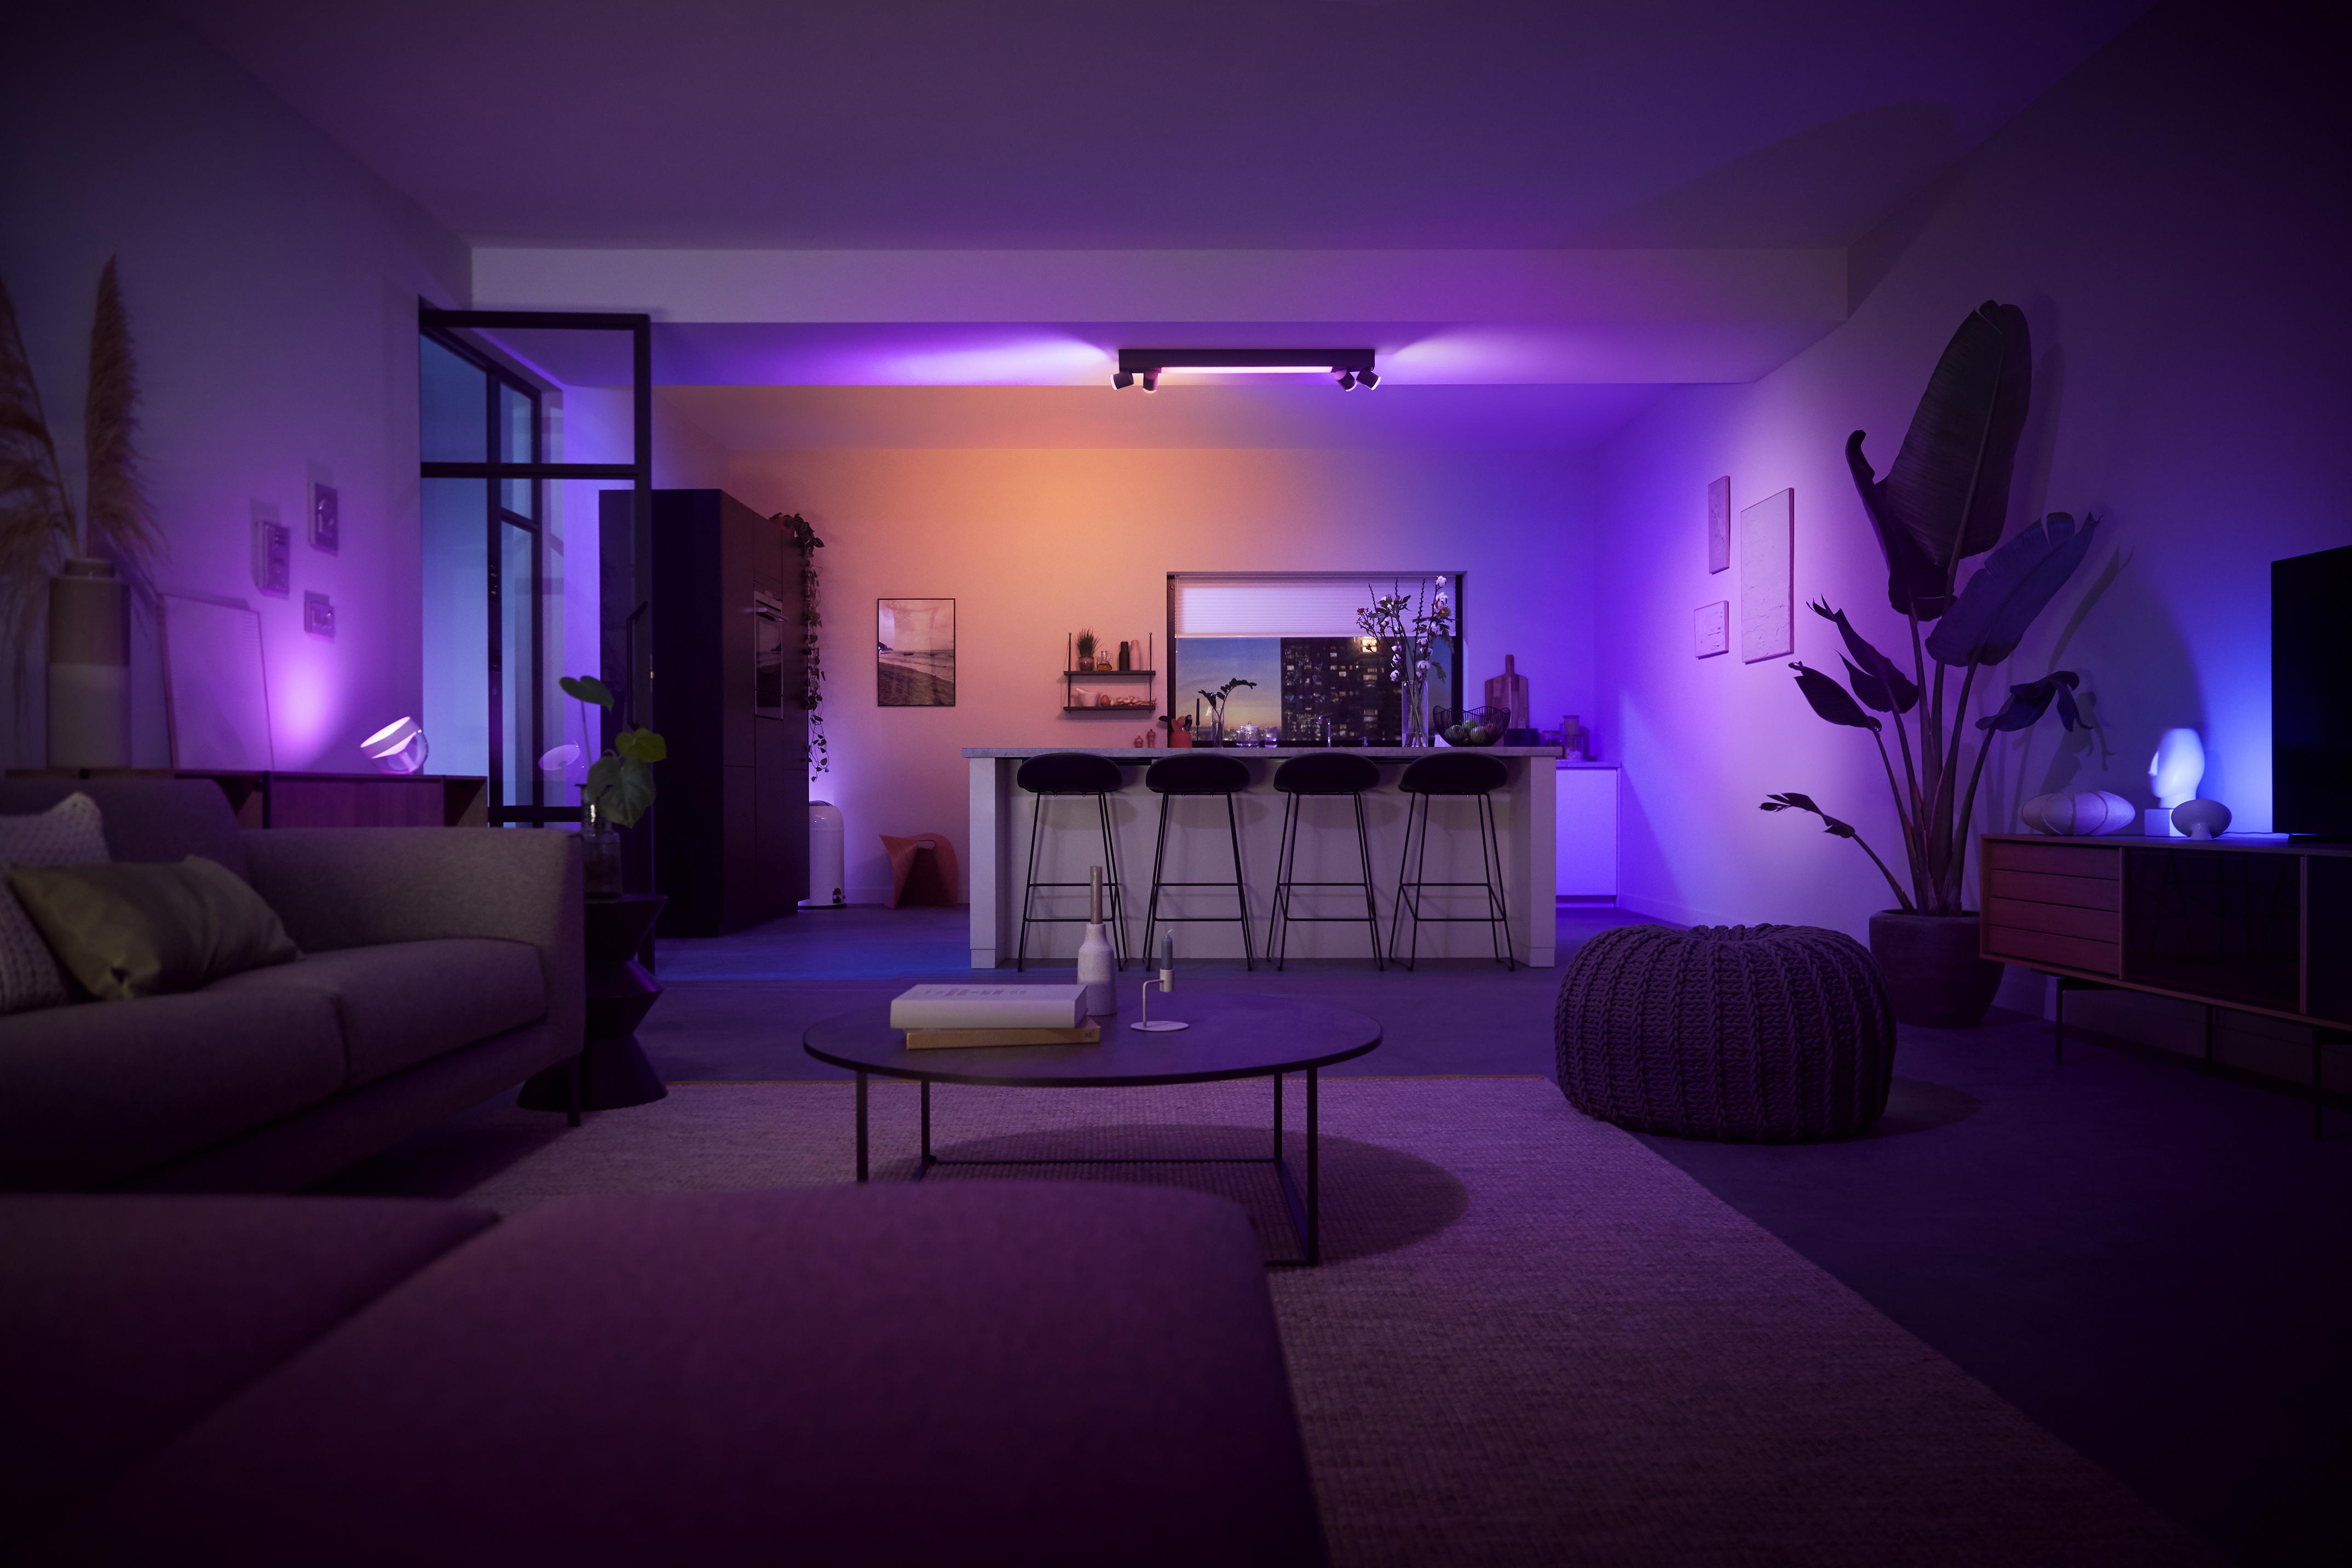 Philips Hue wprowadza nowe źródła światła, oprawy oświetleniowe i zmodernizowane lampy